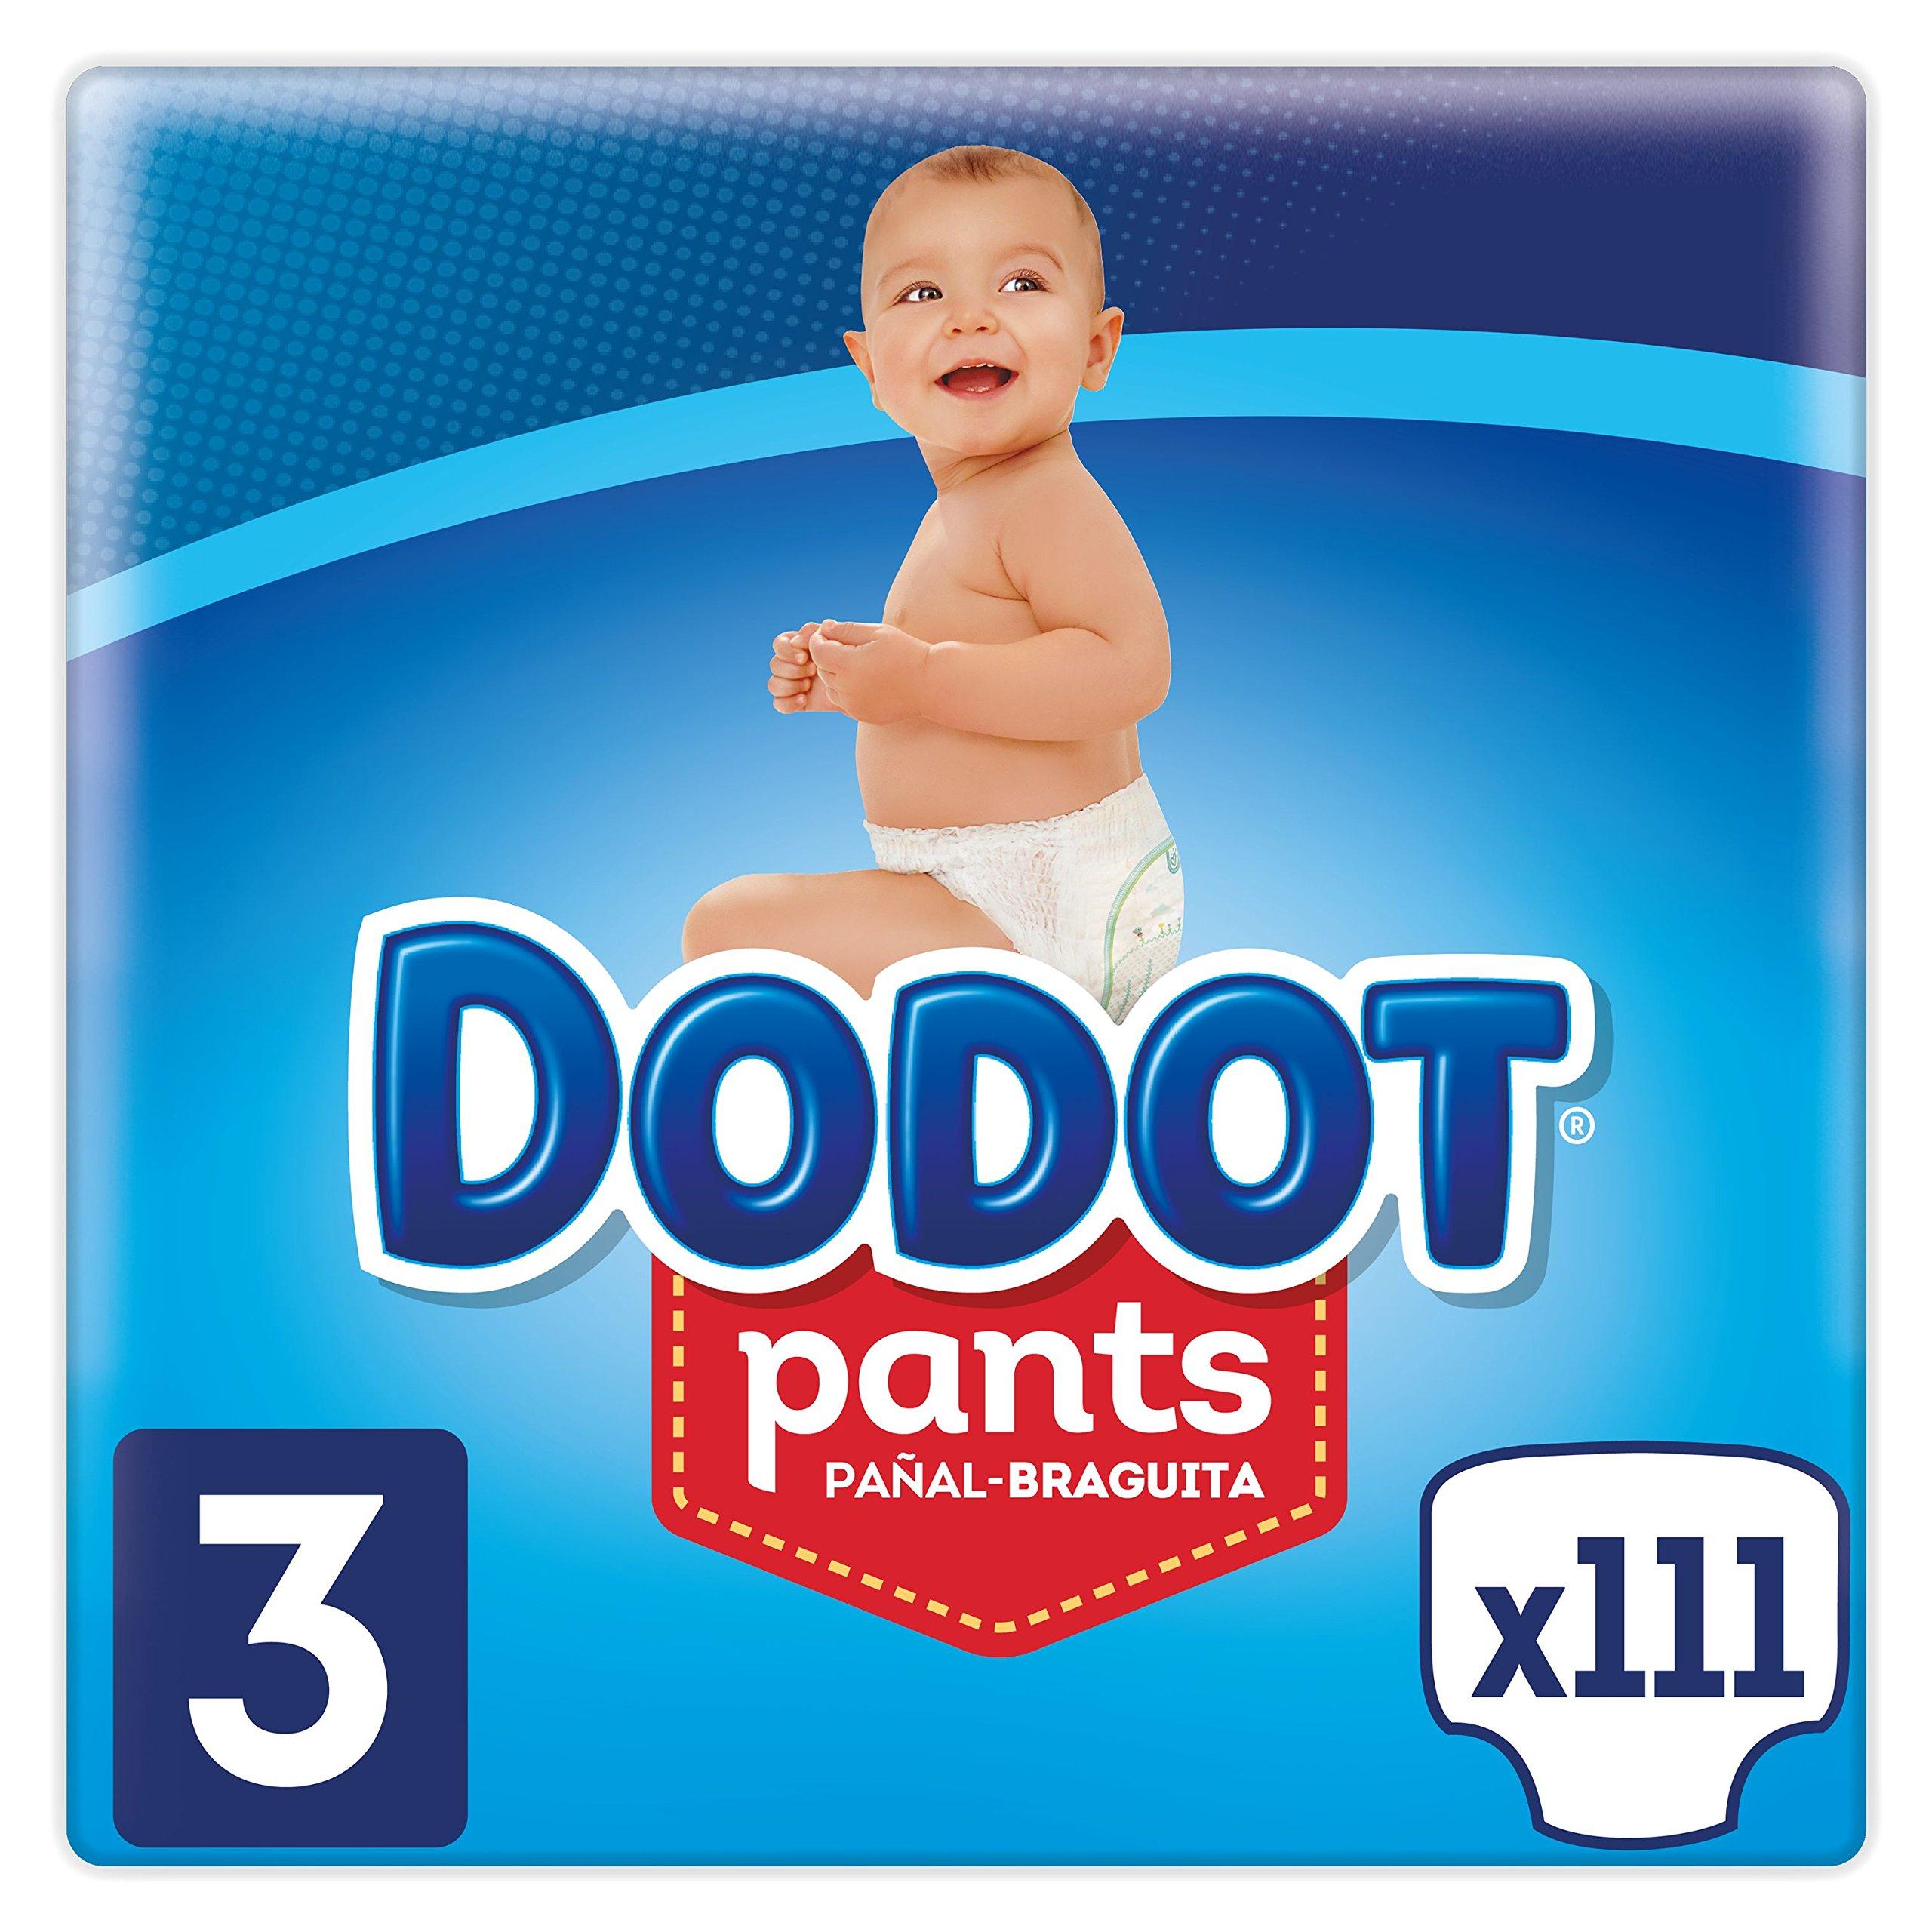 Dodot Pants – Pañal-Braguita, Fácil De Cambiar Con Canales De Aire